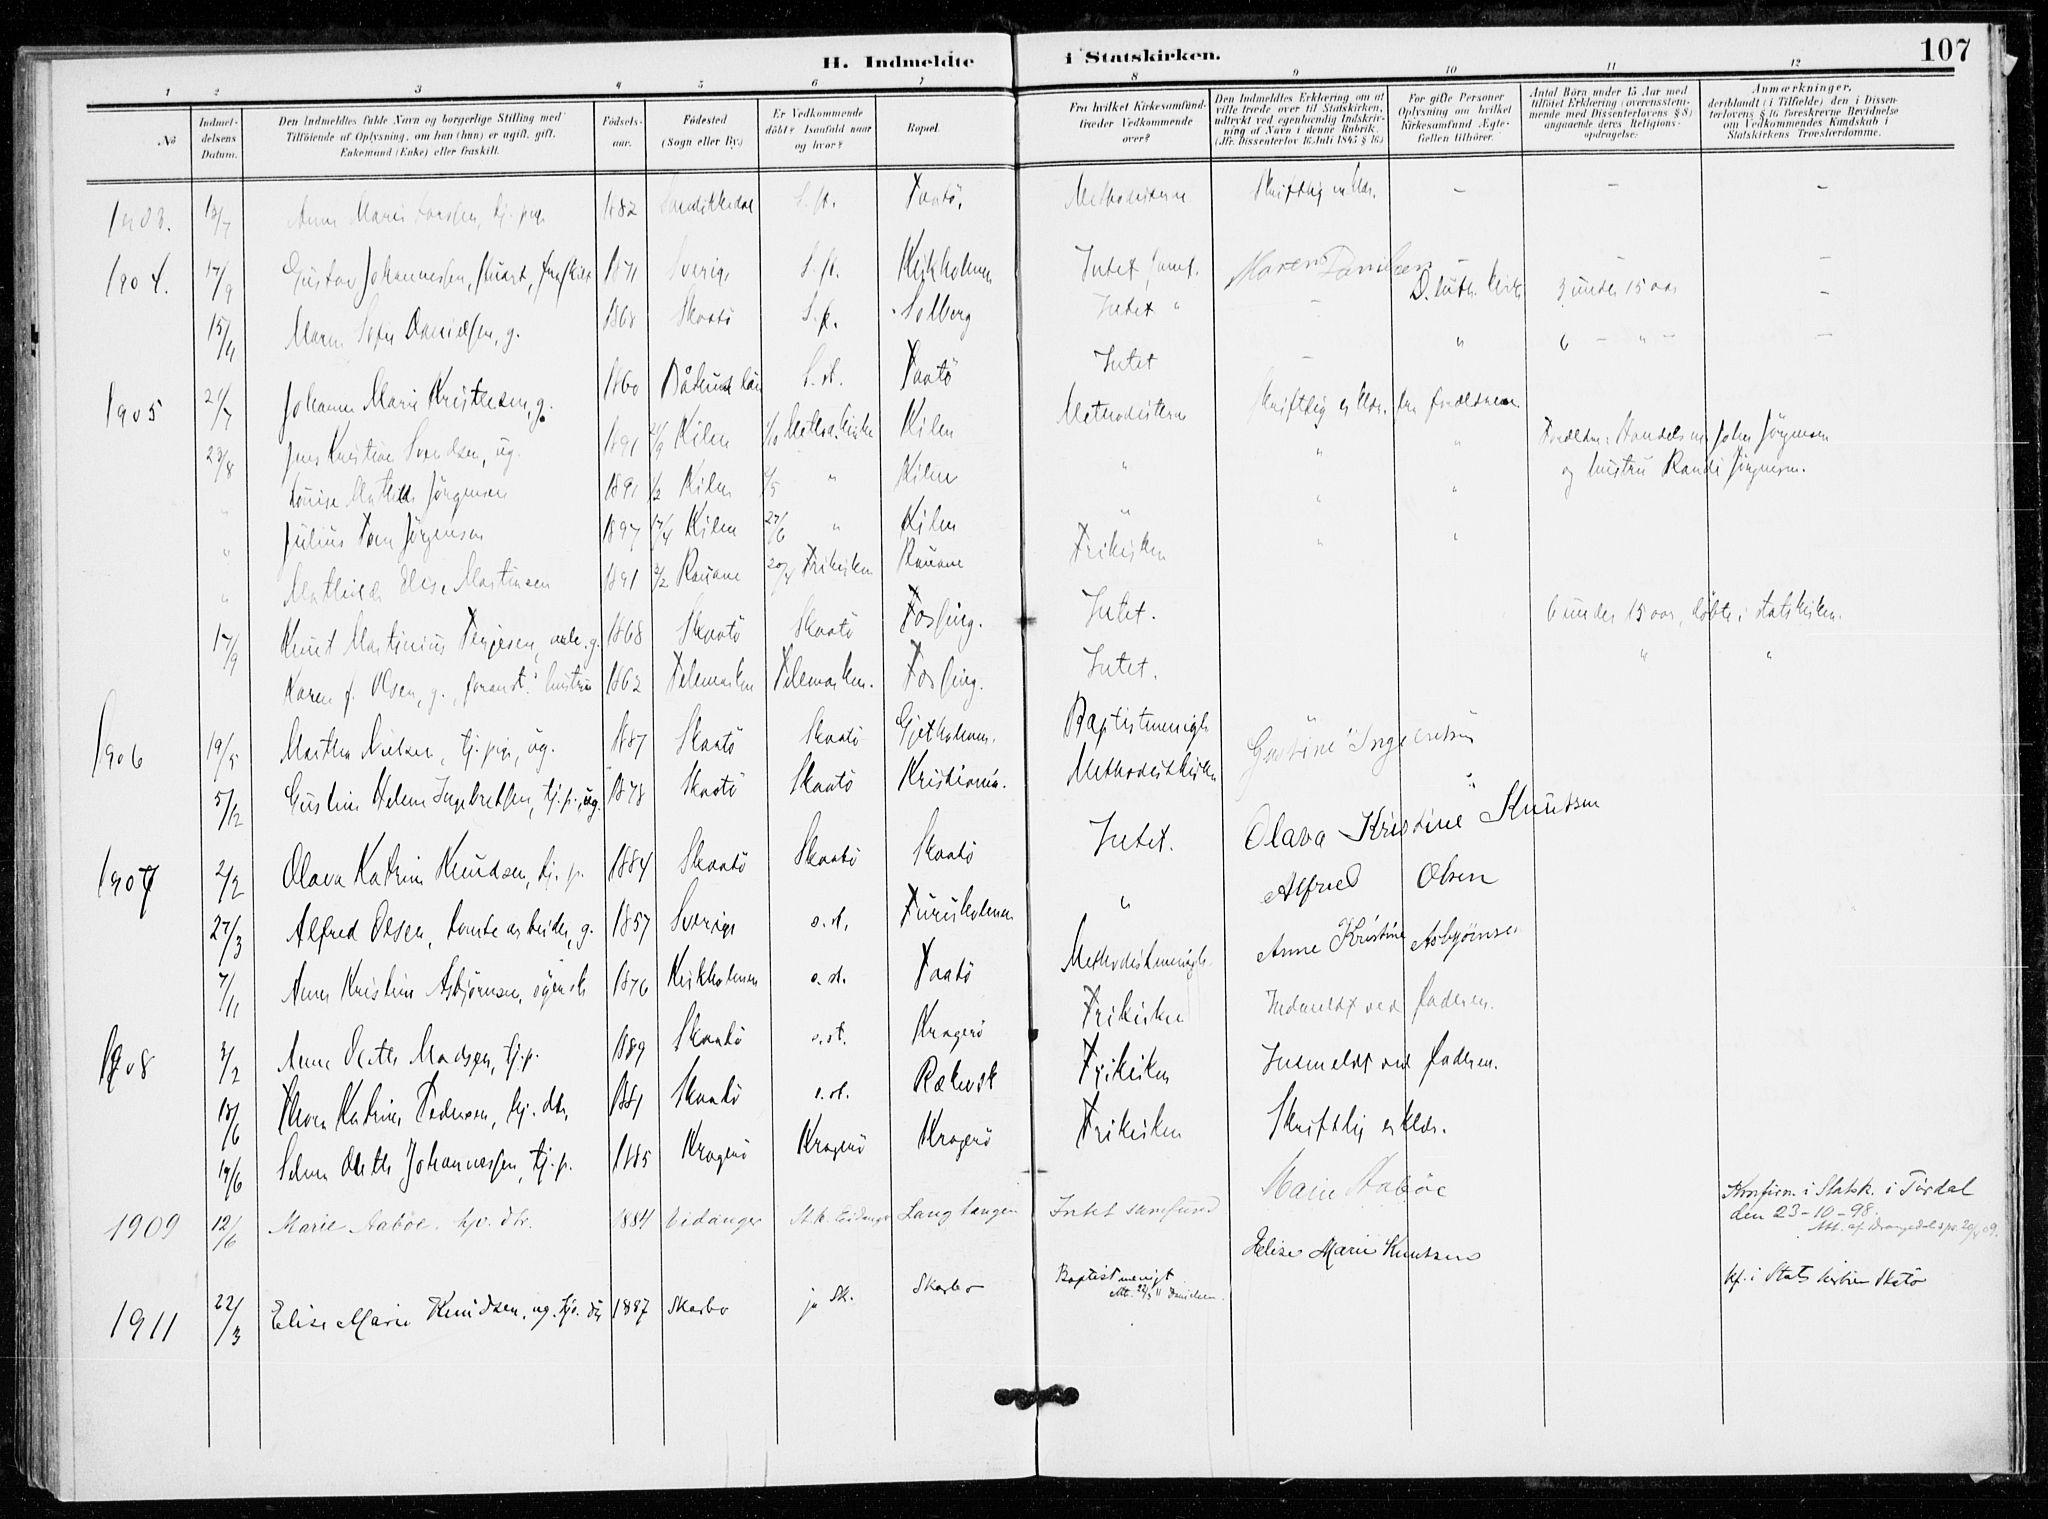 SAKO, Skåtøy kirkebøker, F/Fa/L0005: Ministerialbok nr. I 5, 1901-1923, s. 107